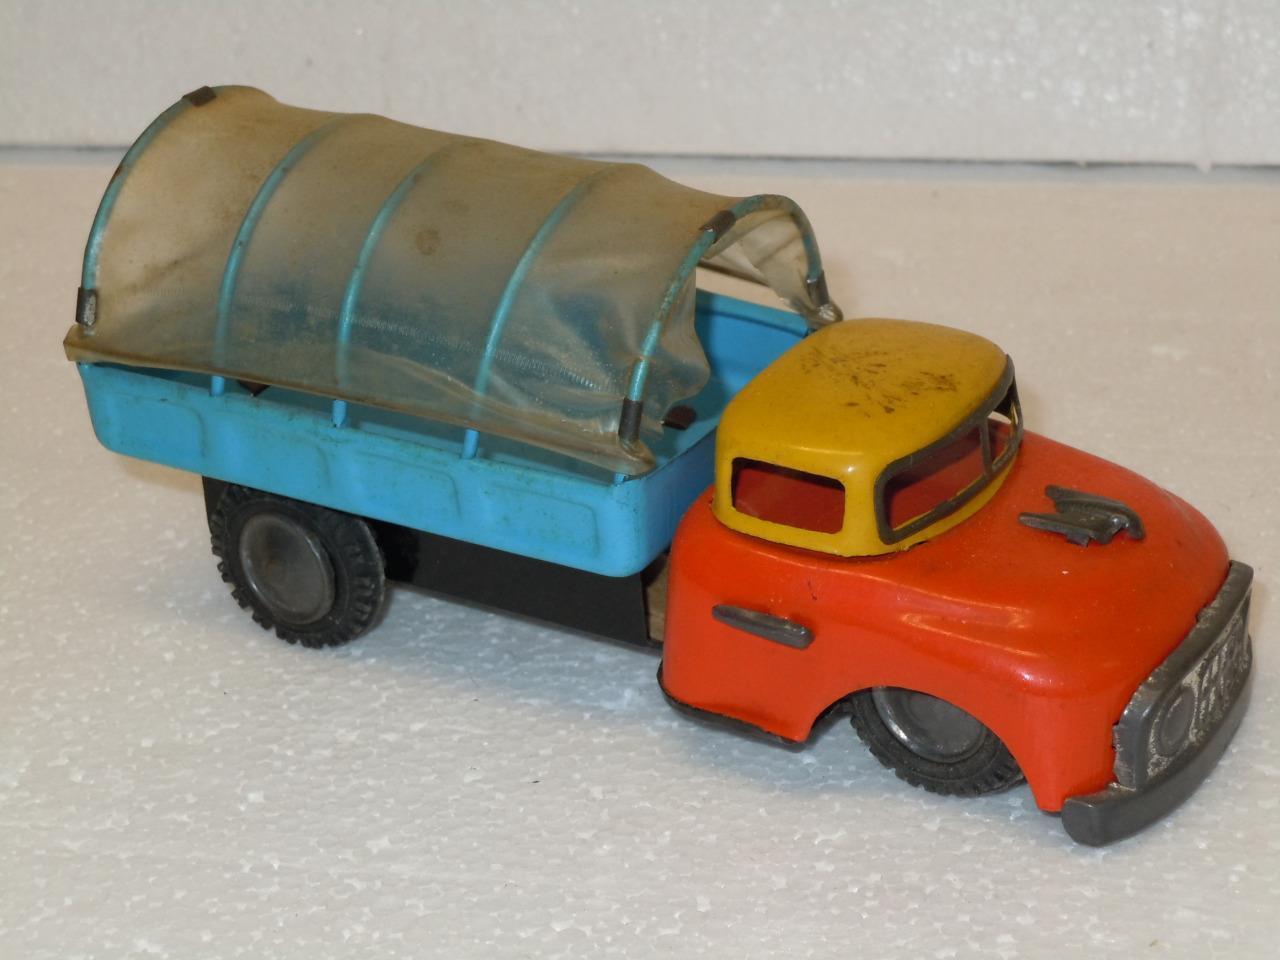 Friction Tin Litho Toy 6  Orange & Blau Pickup Truck Soft Canopy Cover Japan HTF